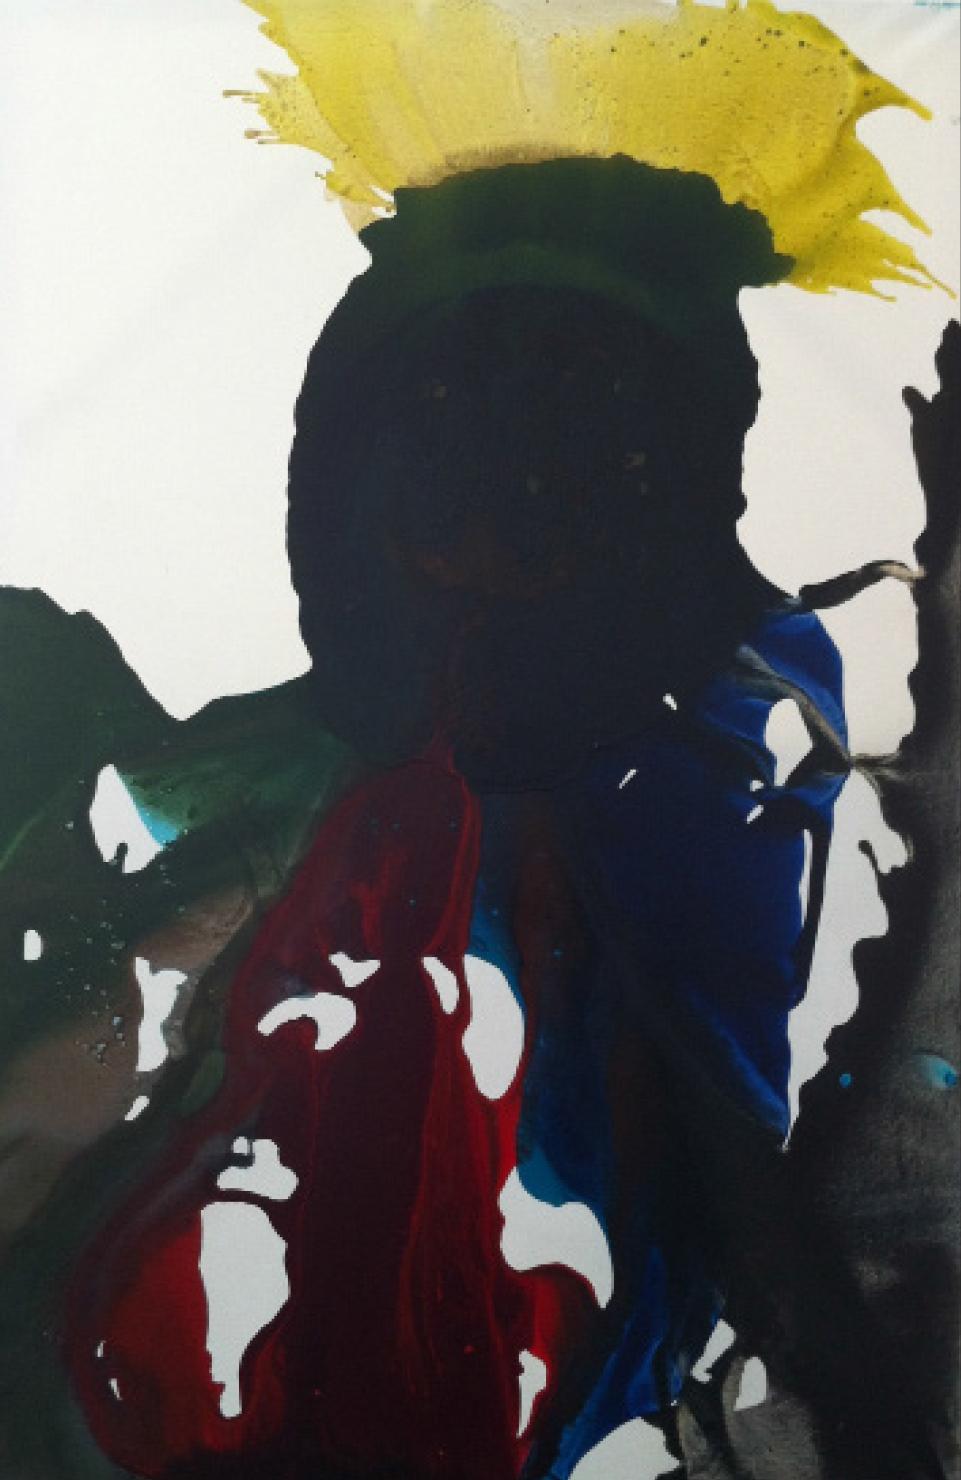 Acrylic on Canvas 48 x 96, 2012